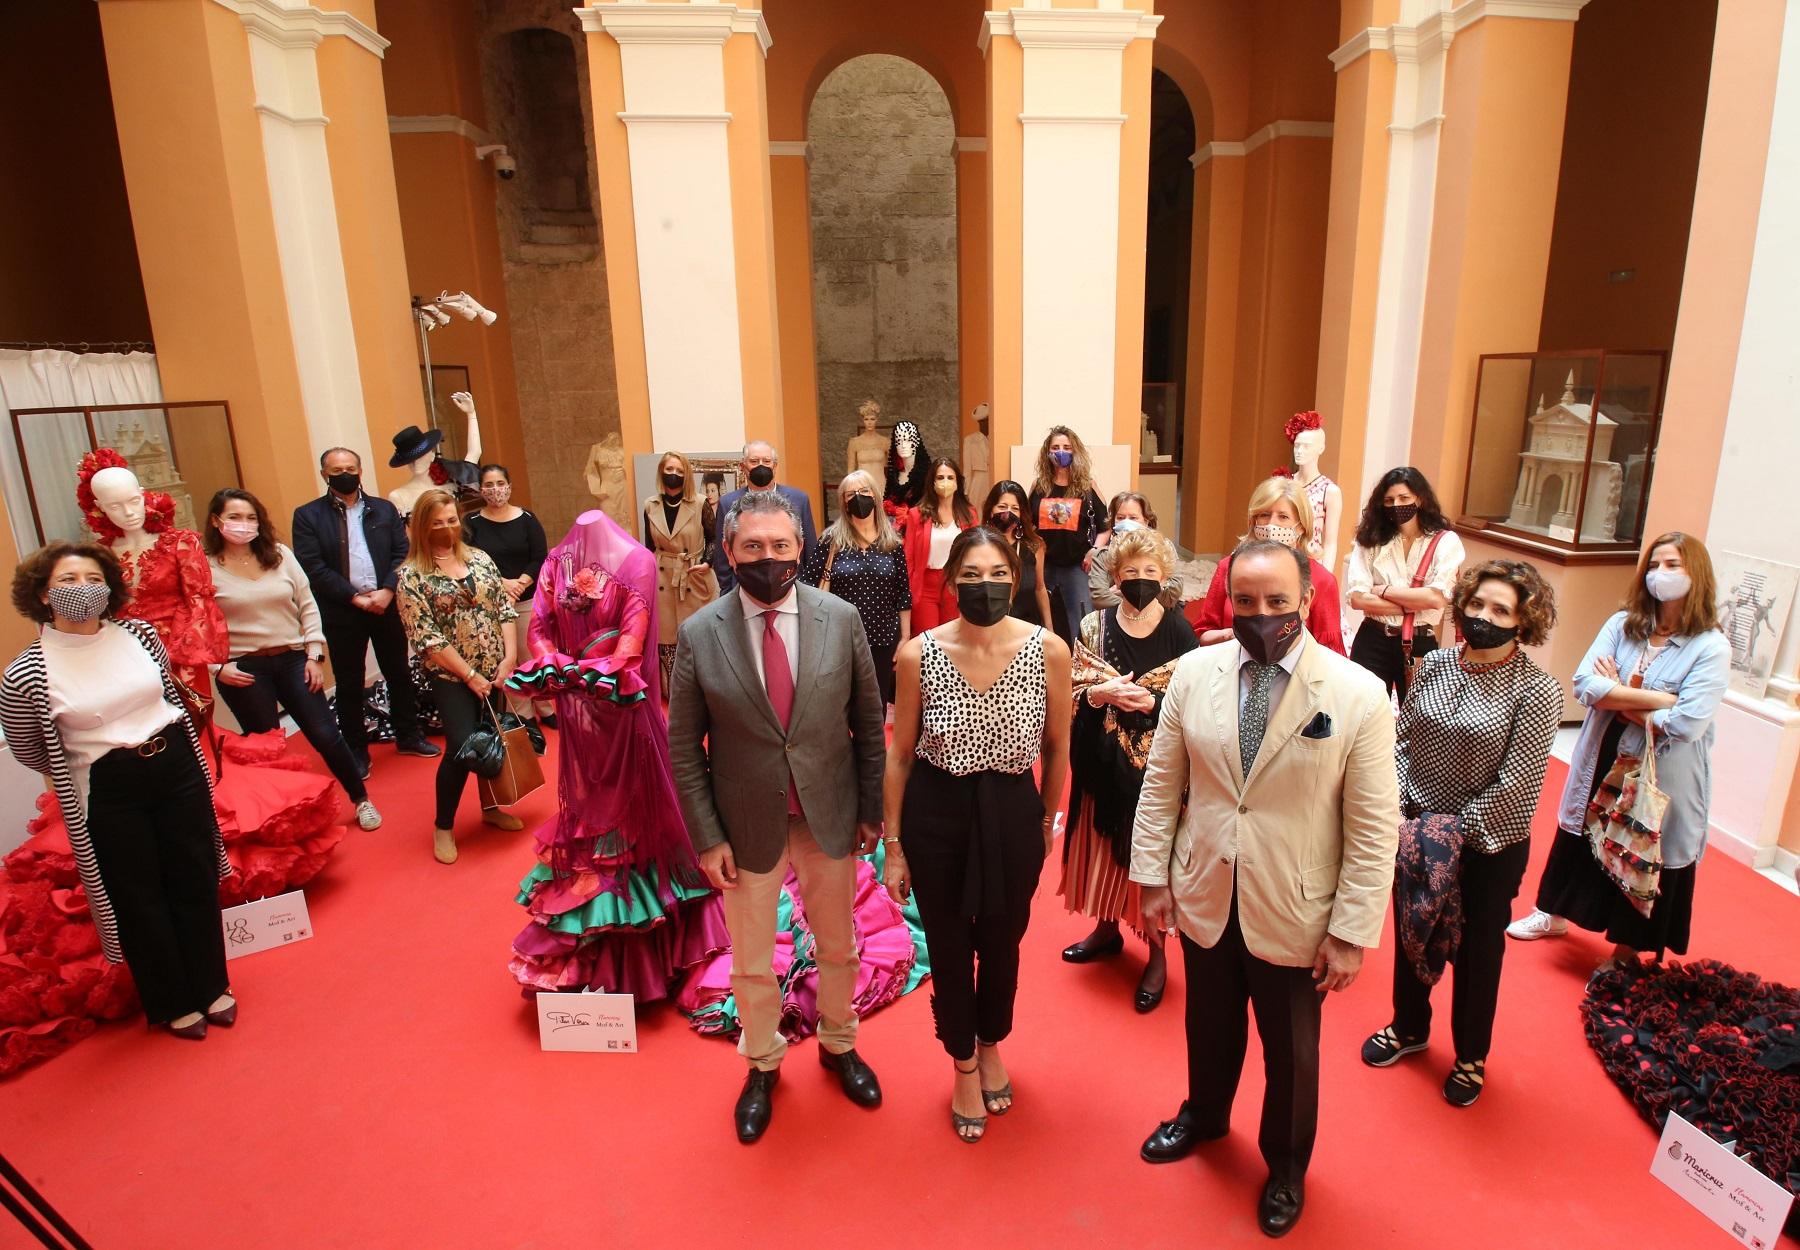 El Ayuntamiento y la agencia Doble Erre organizan un desfile virtual de moda flamenca con la participación de 24 diseñadores